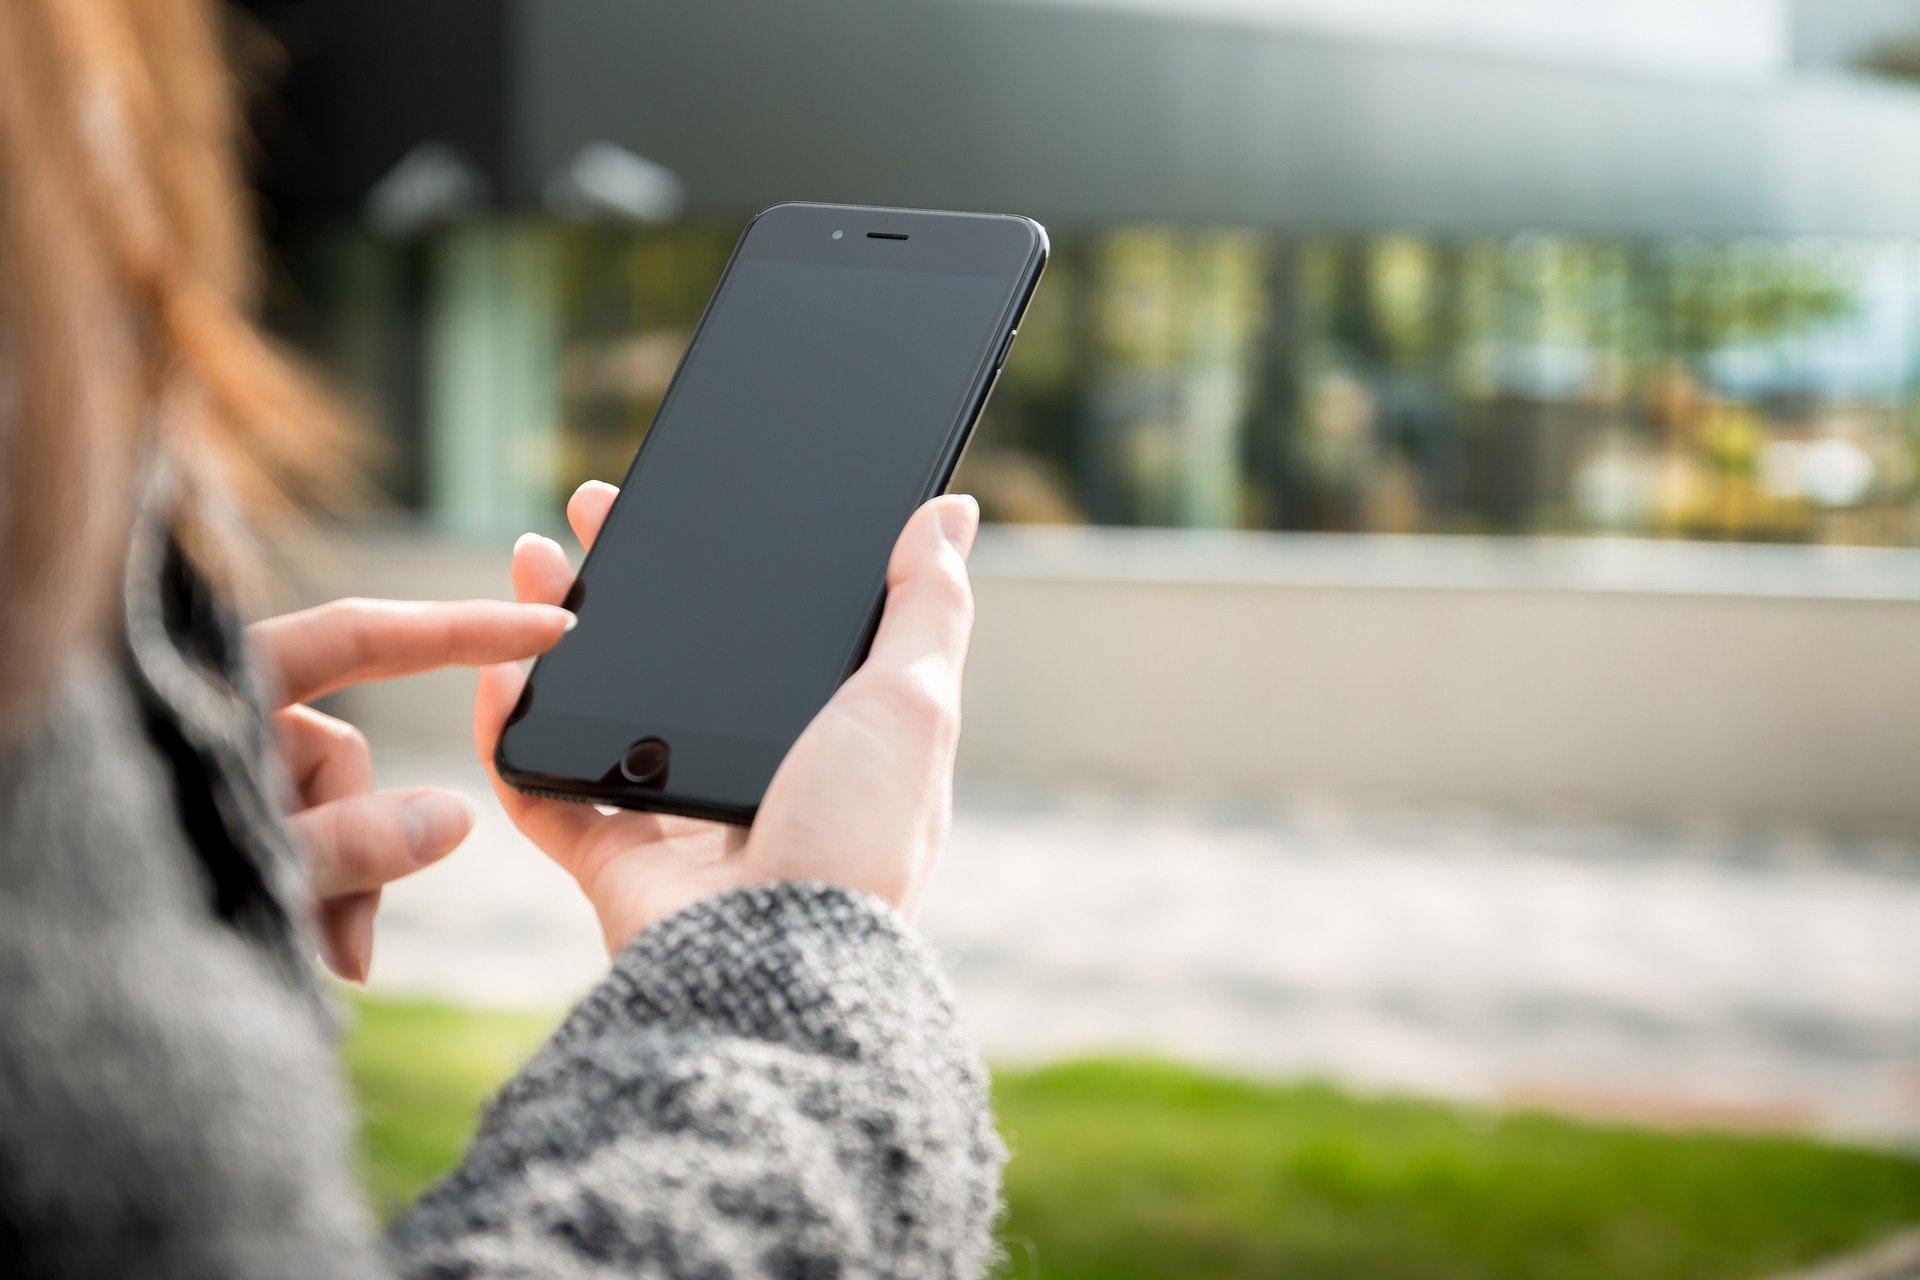 Vemos uma pessoa em um lugar amplo, usando um celular (imagem ilustrativa). Texto: franquias gastronomia.